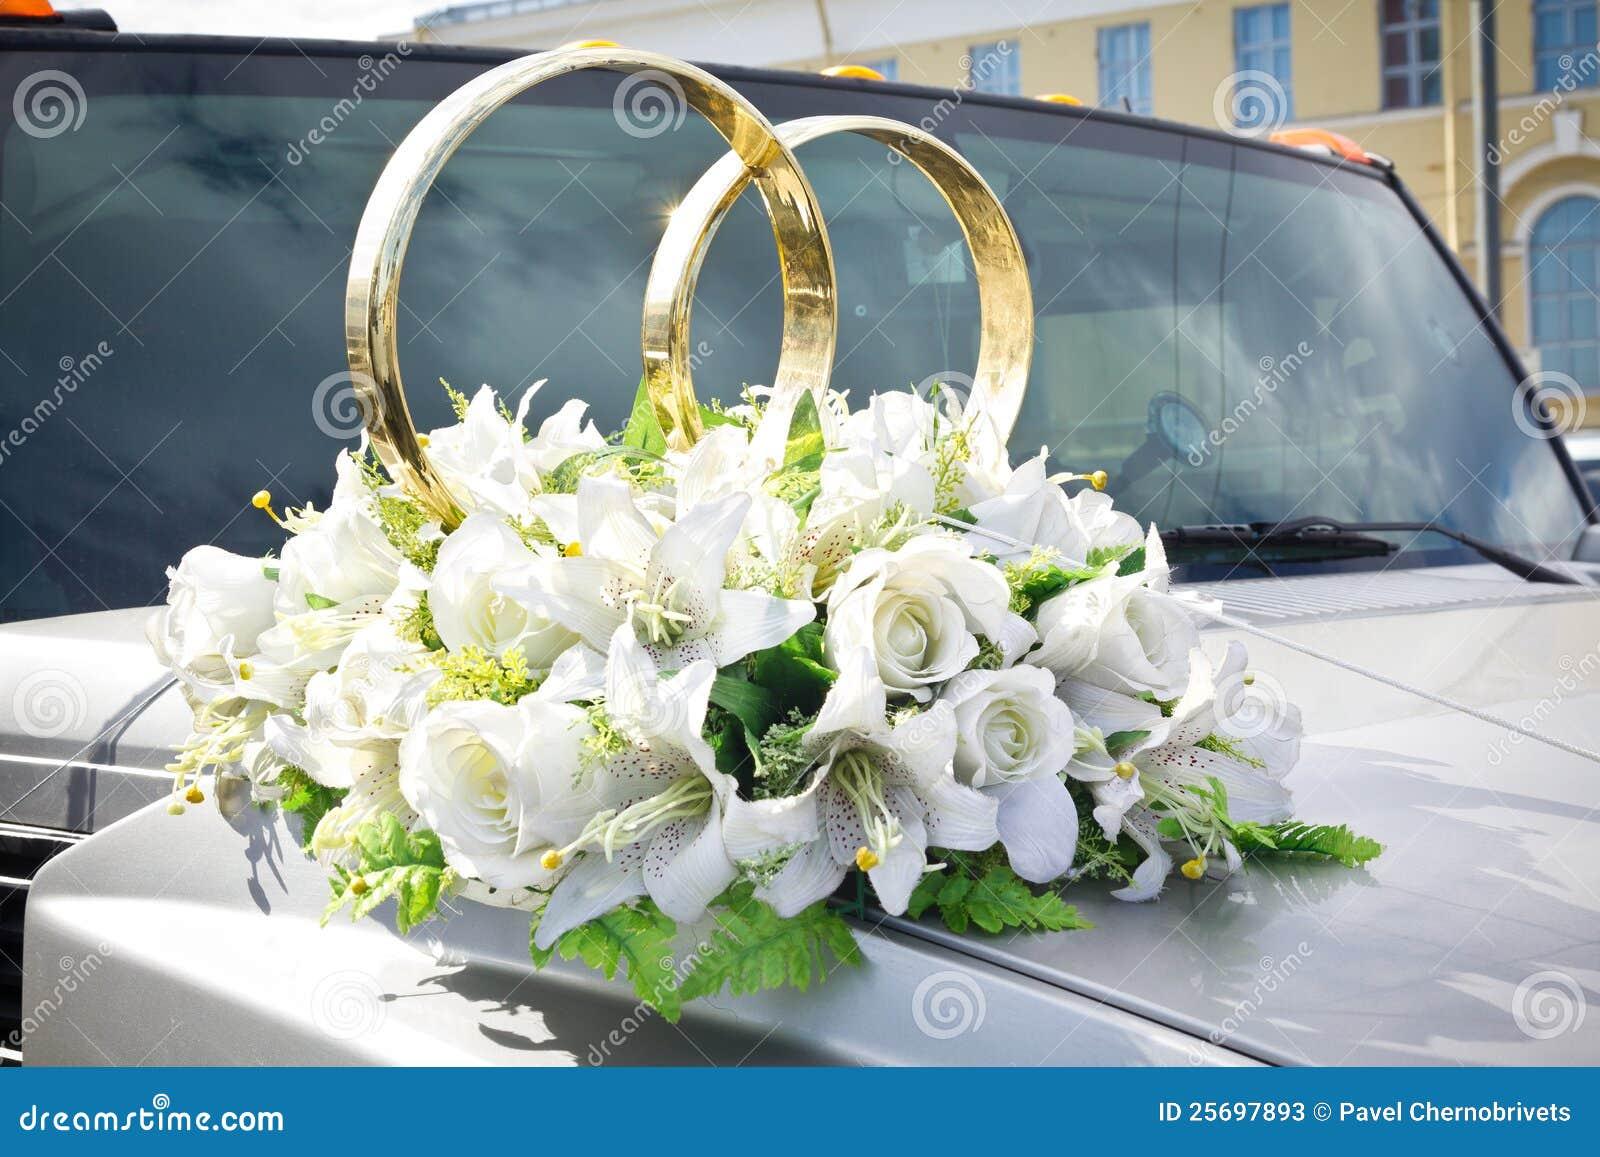 Decoration Limousine Mariage